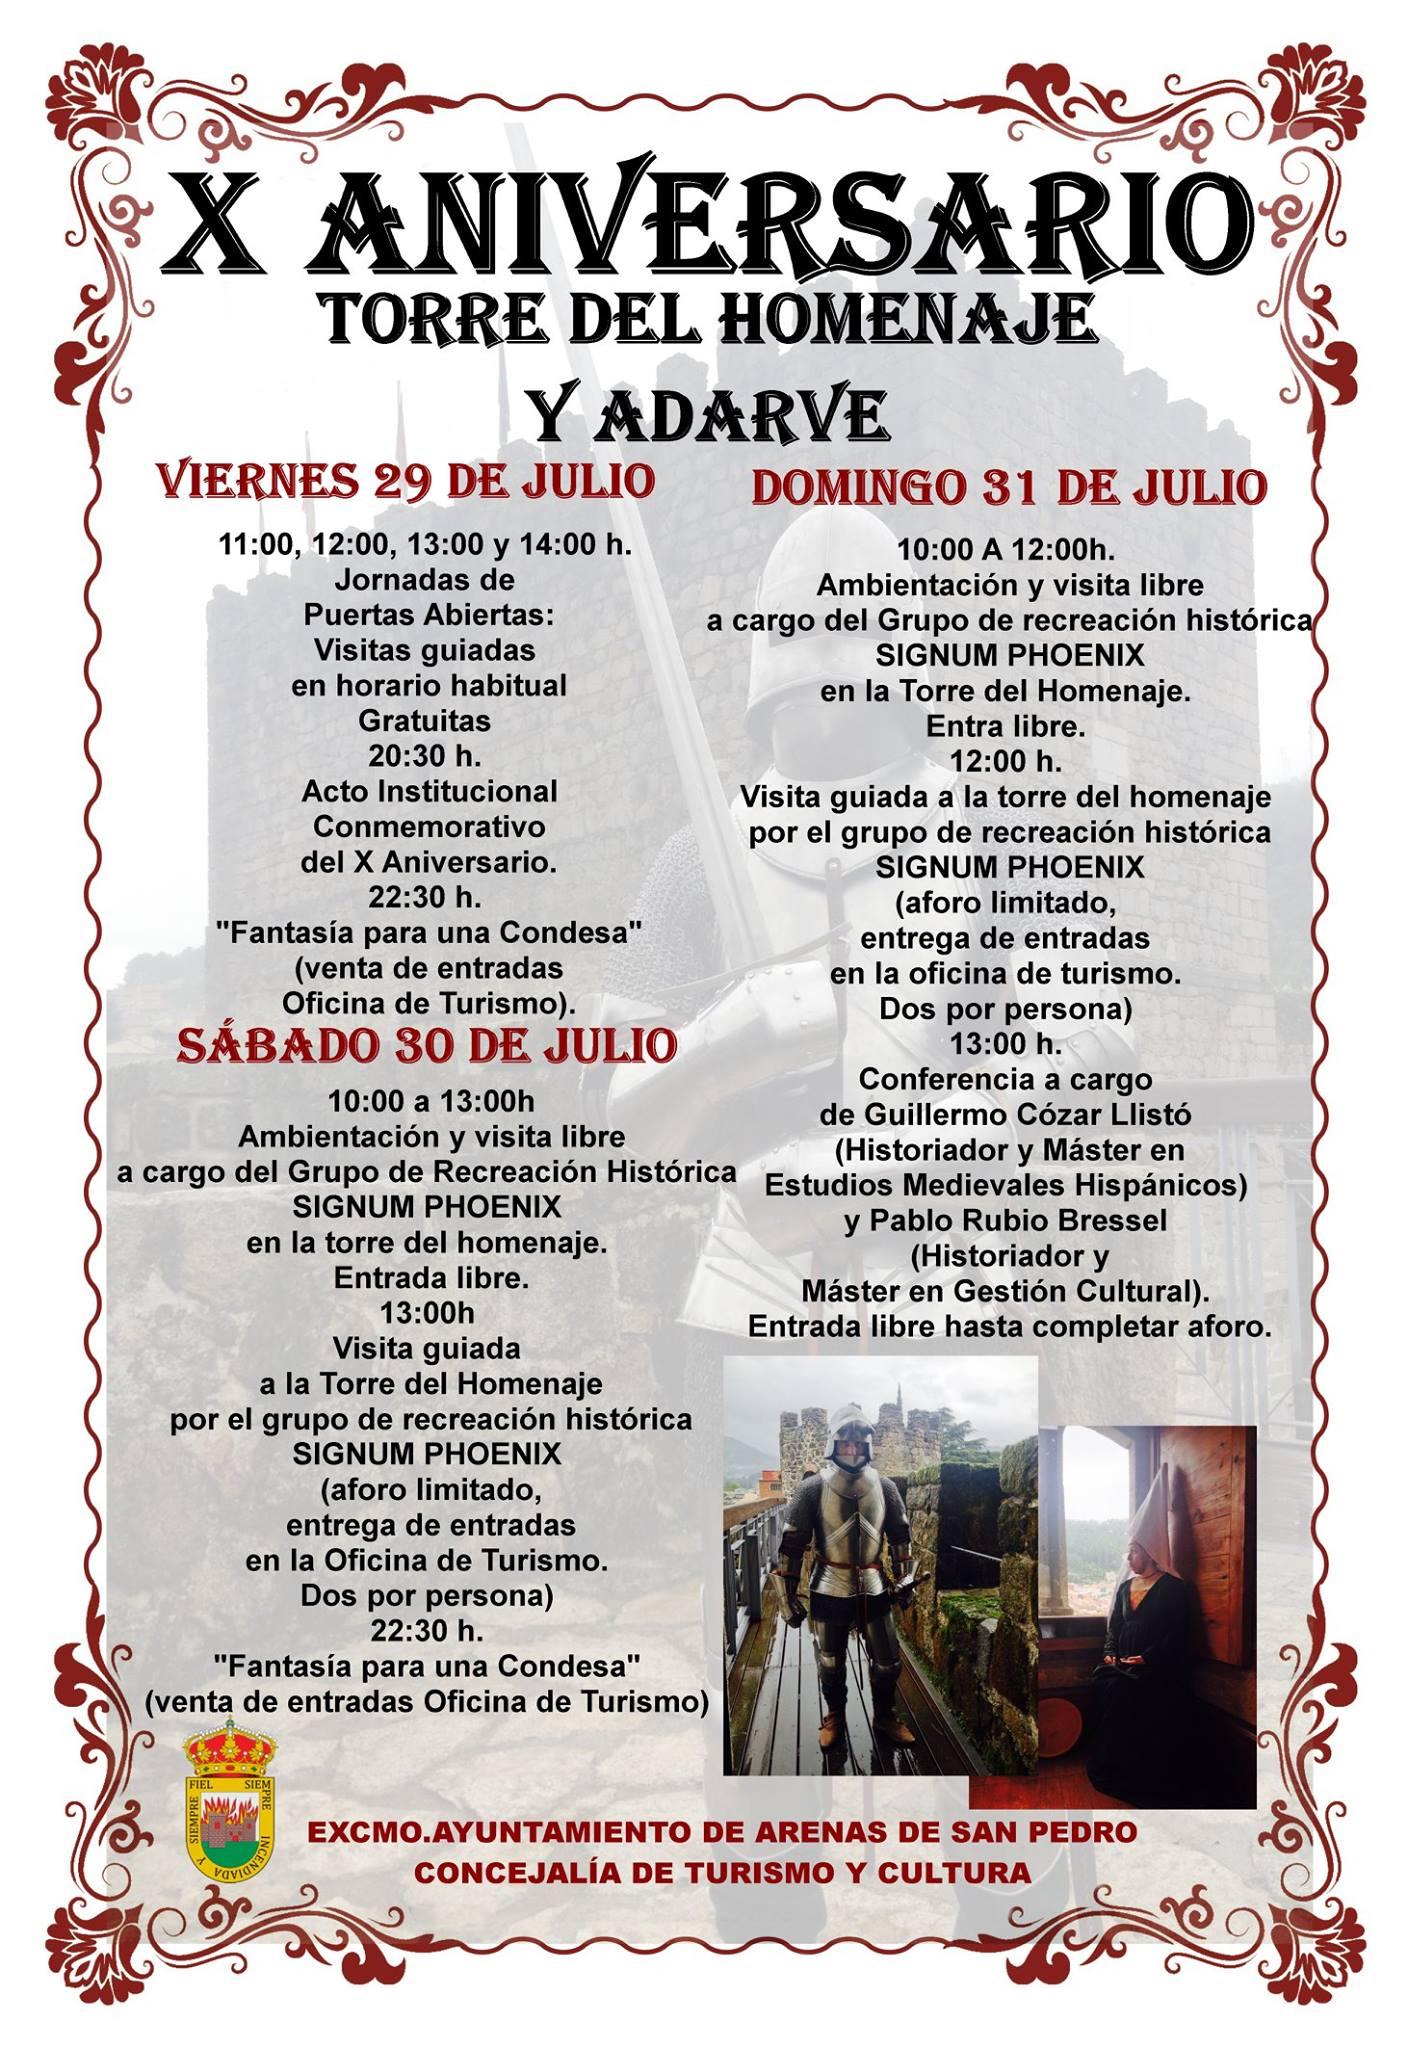 Actos X Aniversario Torre Homenaje y Adarve del Castillo de Arenas de San Pedro - TiétarTeVe